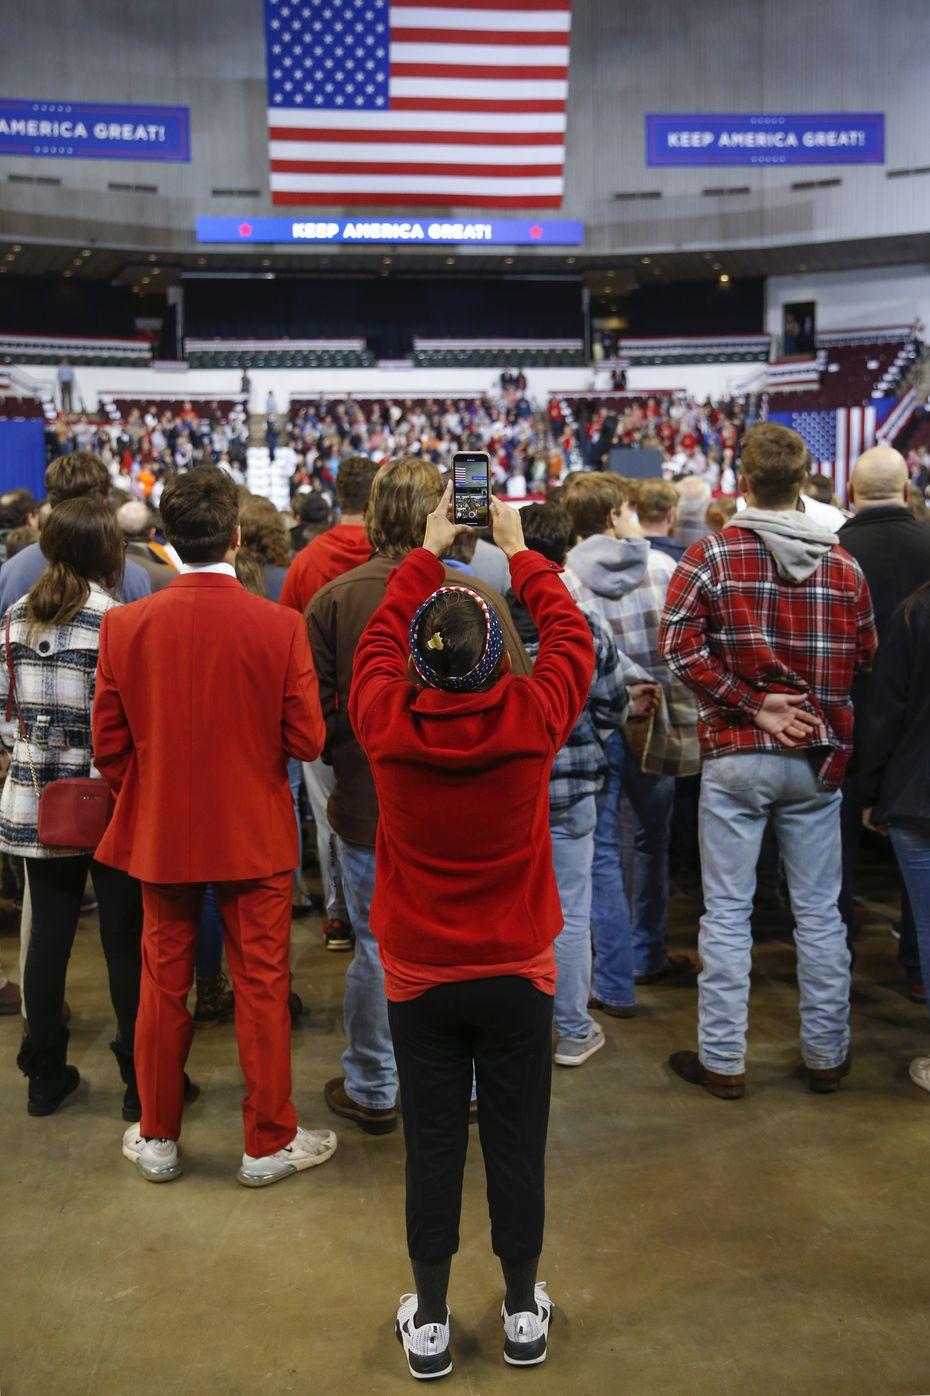 Martha Doss a enregistré une vidéo des orateurs d'ouverture lors d'un rassemblement pour réélire le président Donald Trump à Bossier City, en Louisiane, le 14 novembre 2019. Doss, une star montante des médias sociaux dans les cercles conservateurs, a été envoyée par l'Assemblée nationale républicaine hispanique à créer du contenu sur les réseaux sociaux.